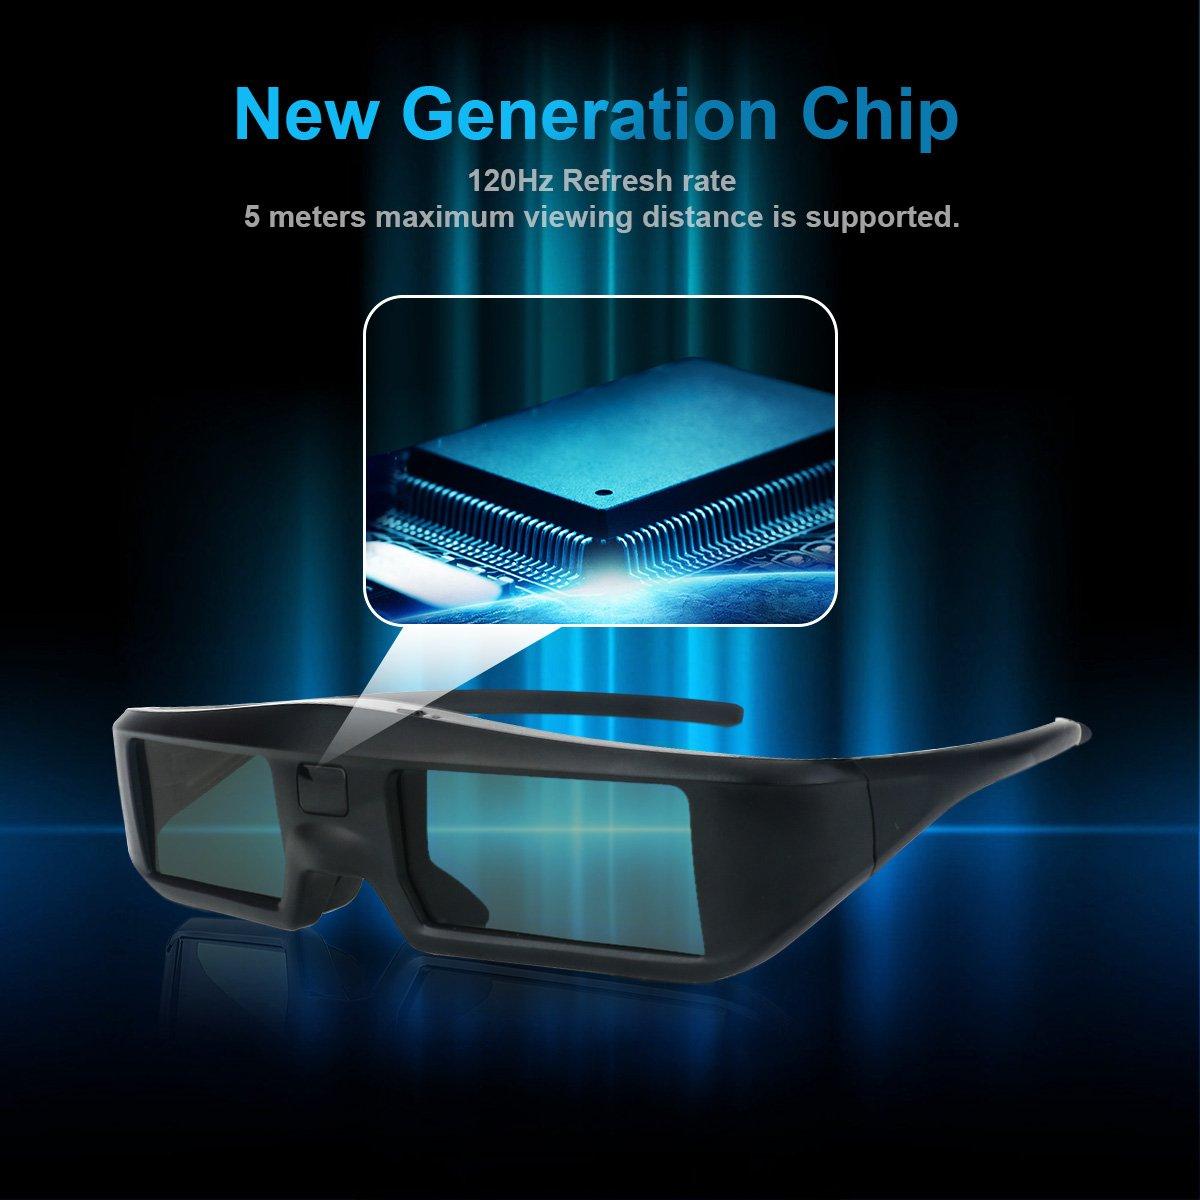 2 x Gafas 3D Bluetooth ExquizOn, Gafas 3D Universal 120Hz con Obturador Activo para 3D TV como LG/Sony/Panasonic/Sharp/Toshiba/Samsung y Epson 3D proyectores, Ultra-Clear HD, G06-BT: Amazon.es: Electrónica